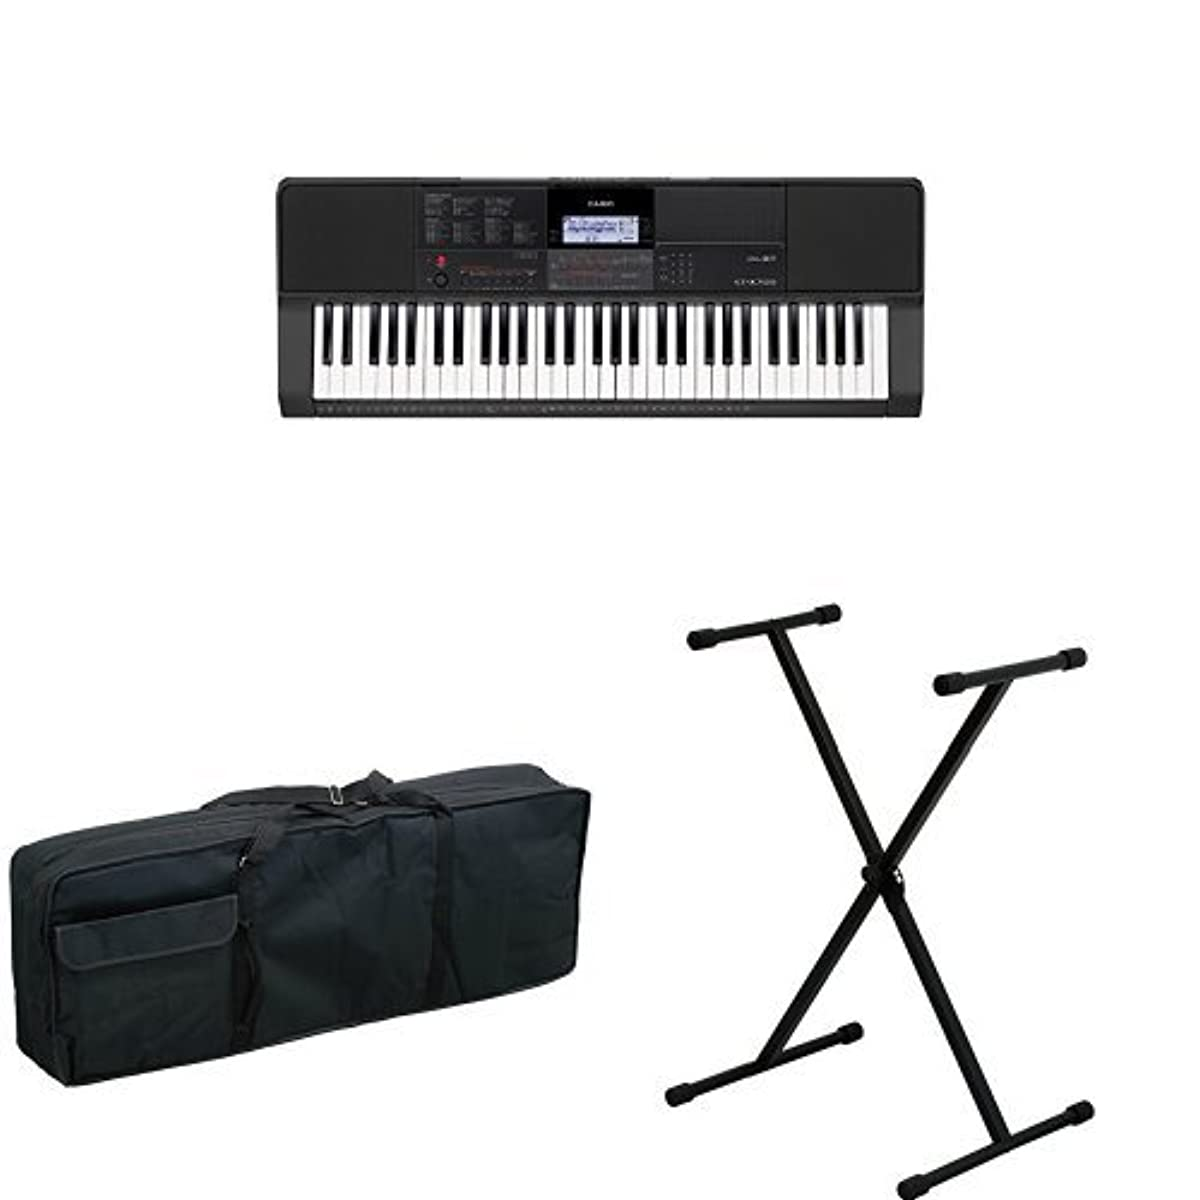 [해외] 카시오 전자 키보드 61건반 CT-X700 과 키보드 화이트 KBB-M 과 키보드 스탠드 KS-29 BLK 의 세트